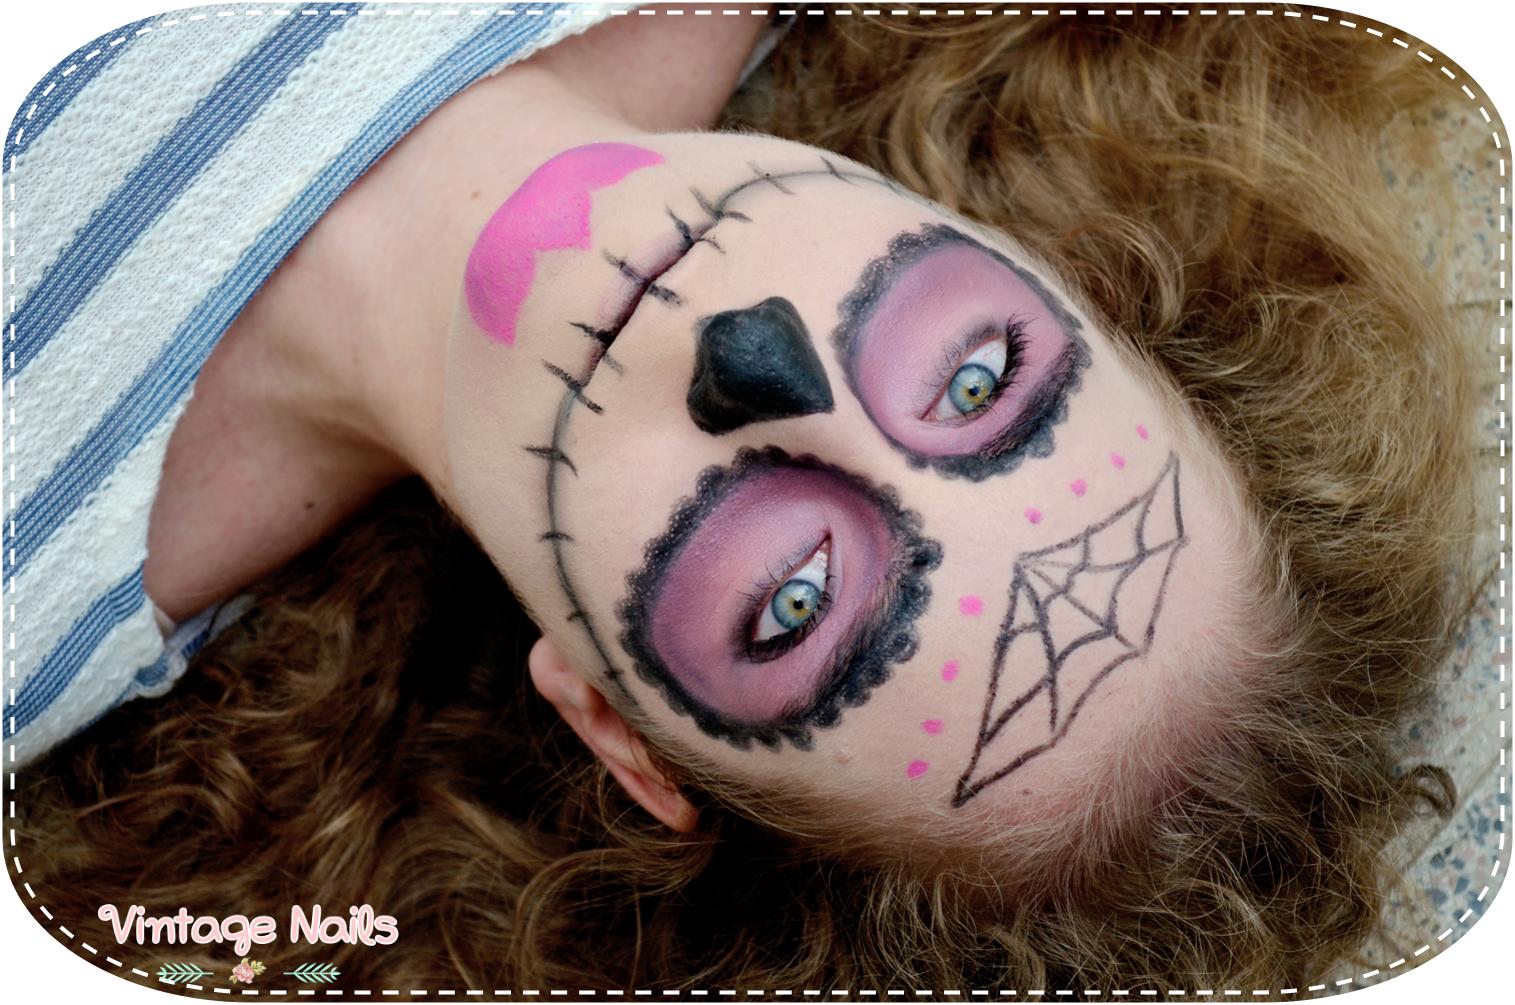 halloween, halloweeen makeup, makeup, sugar skull, costume, maquillaje, sugar skull makeup, maquillaje calavera, calavera